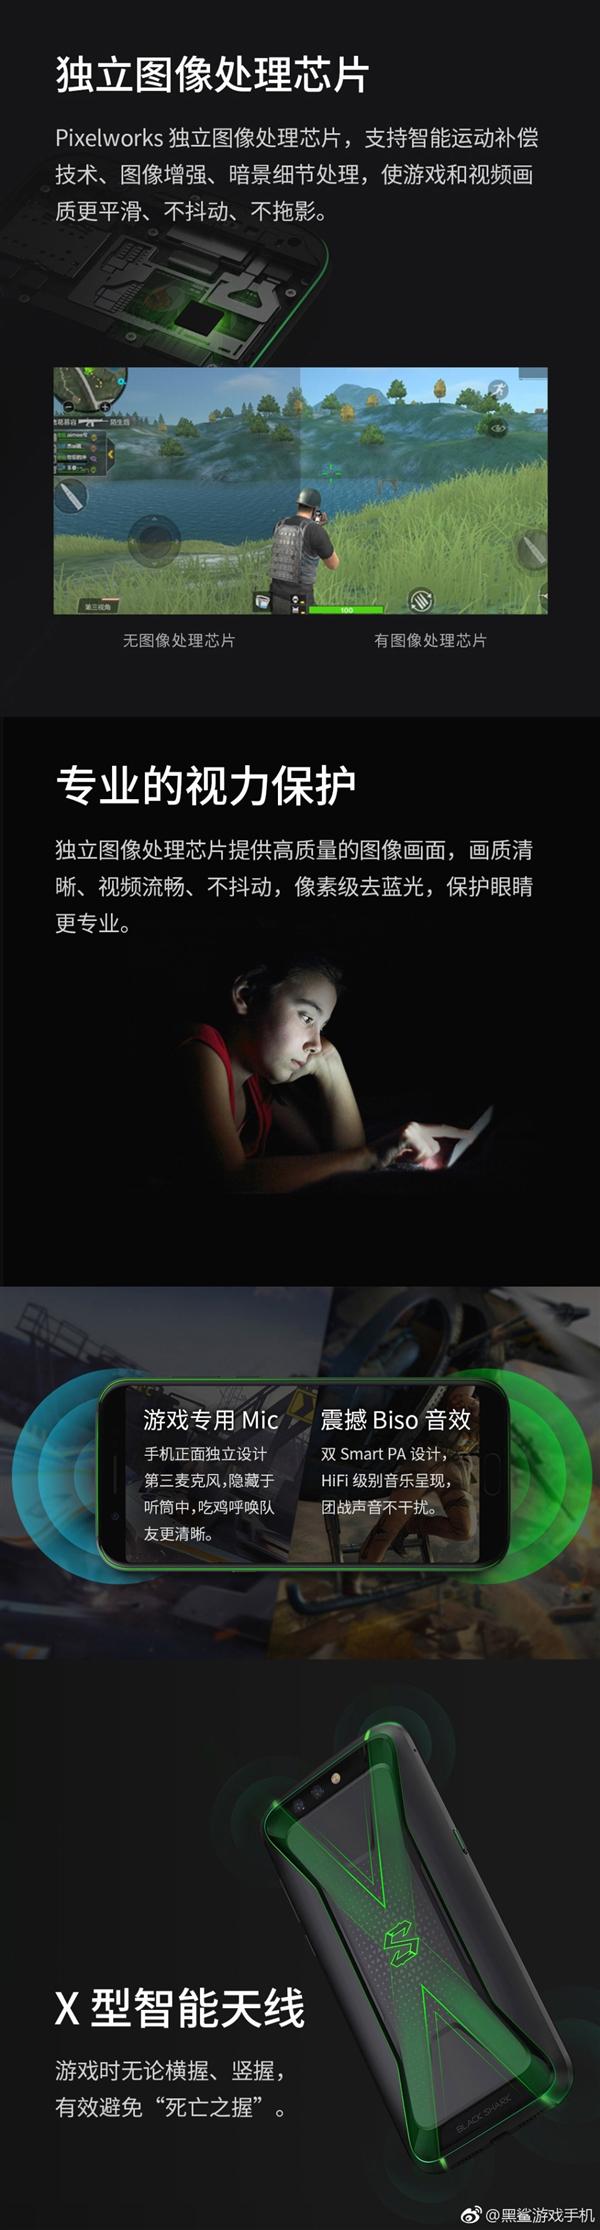 骁龙845加持!一图读懂黑鲨游戏手机:2999元起